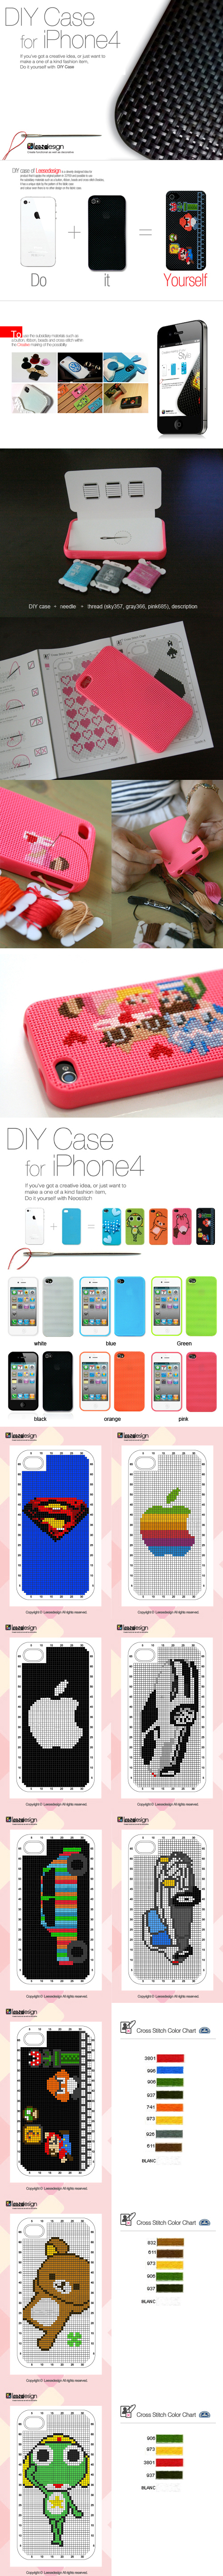 iPhone 4 problemas con la recepción, Jobs responde. 7